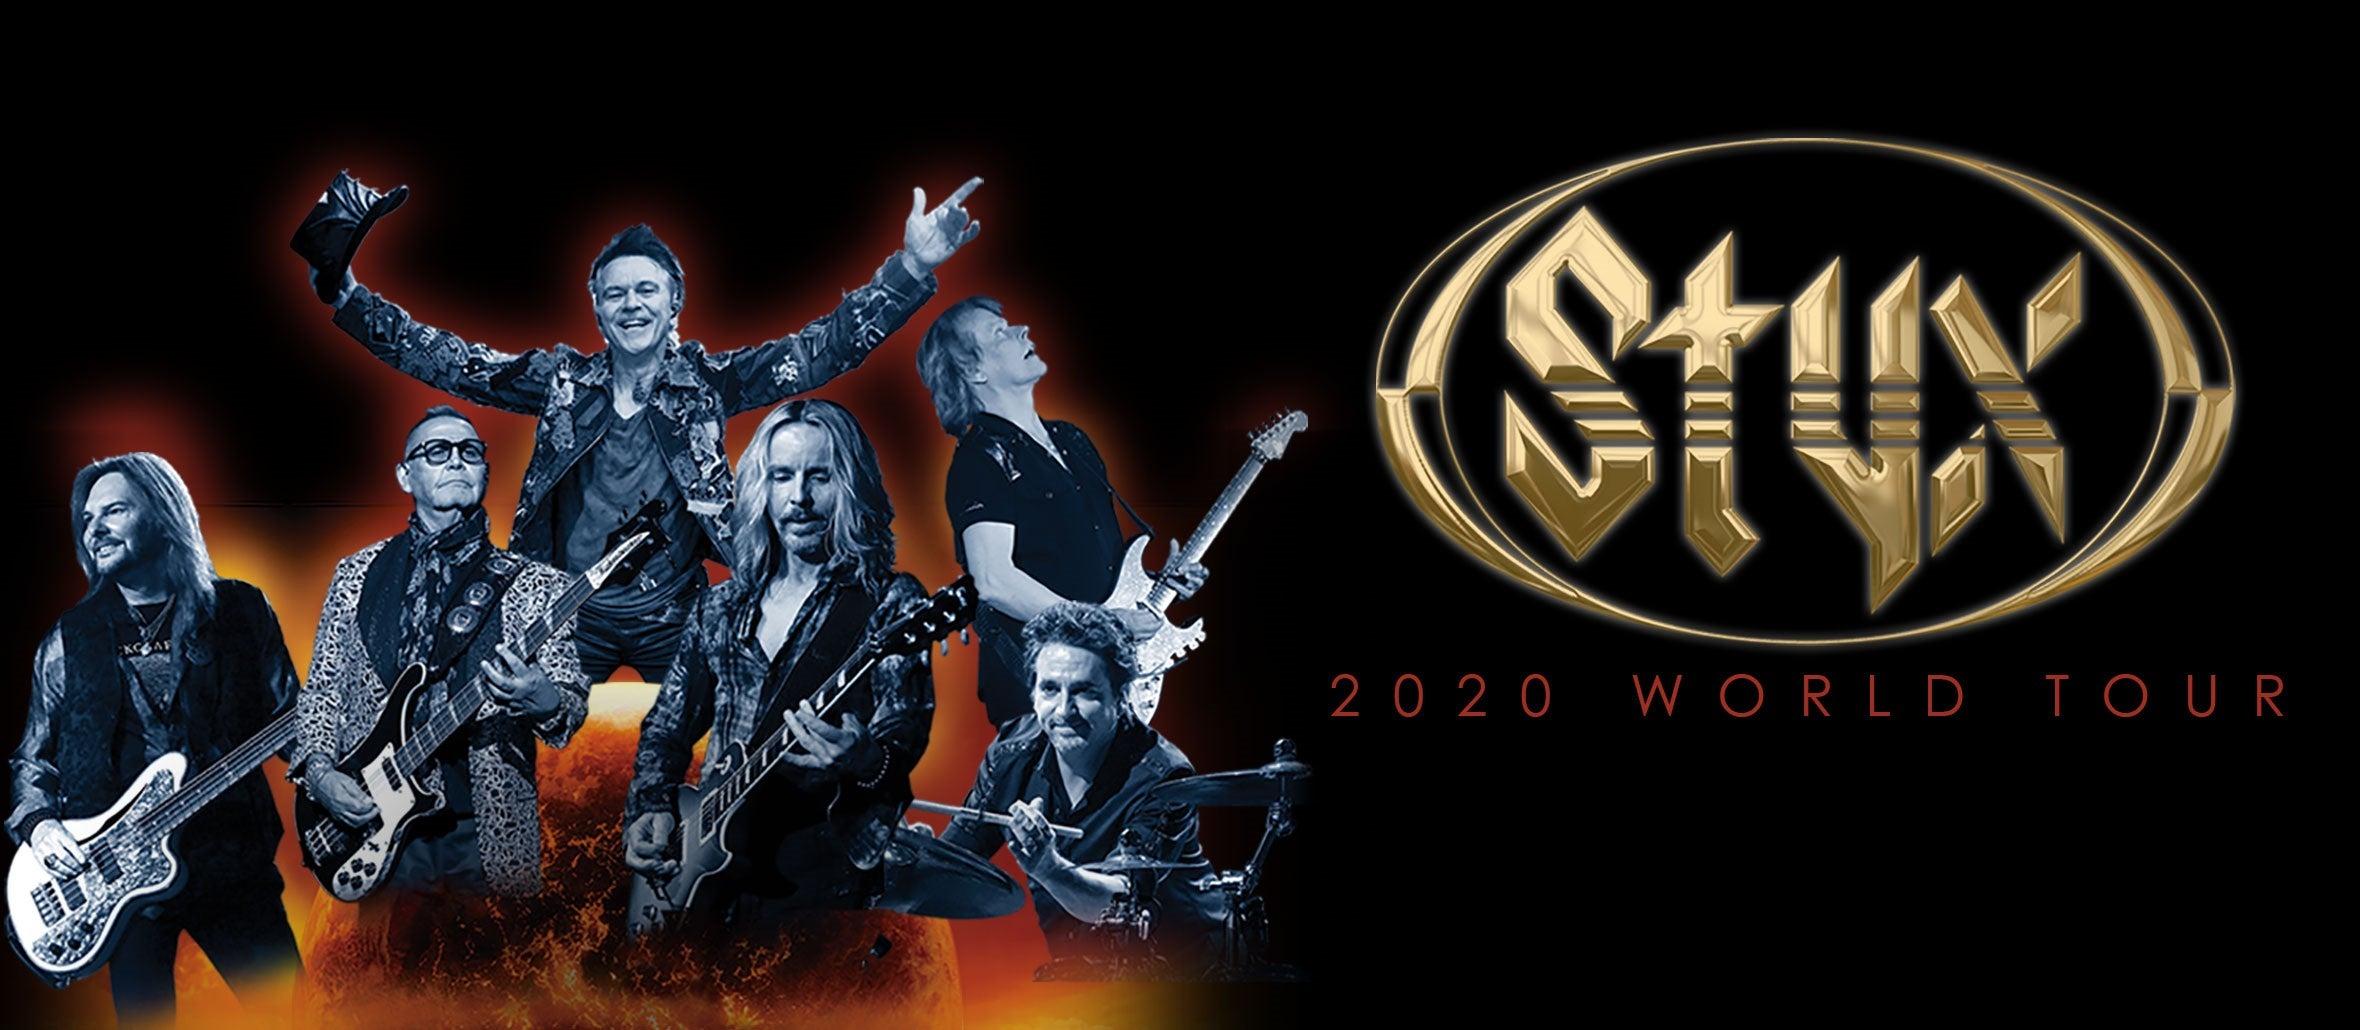 STYX 2020 World Tour